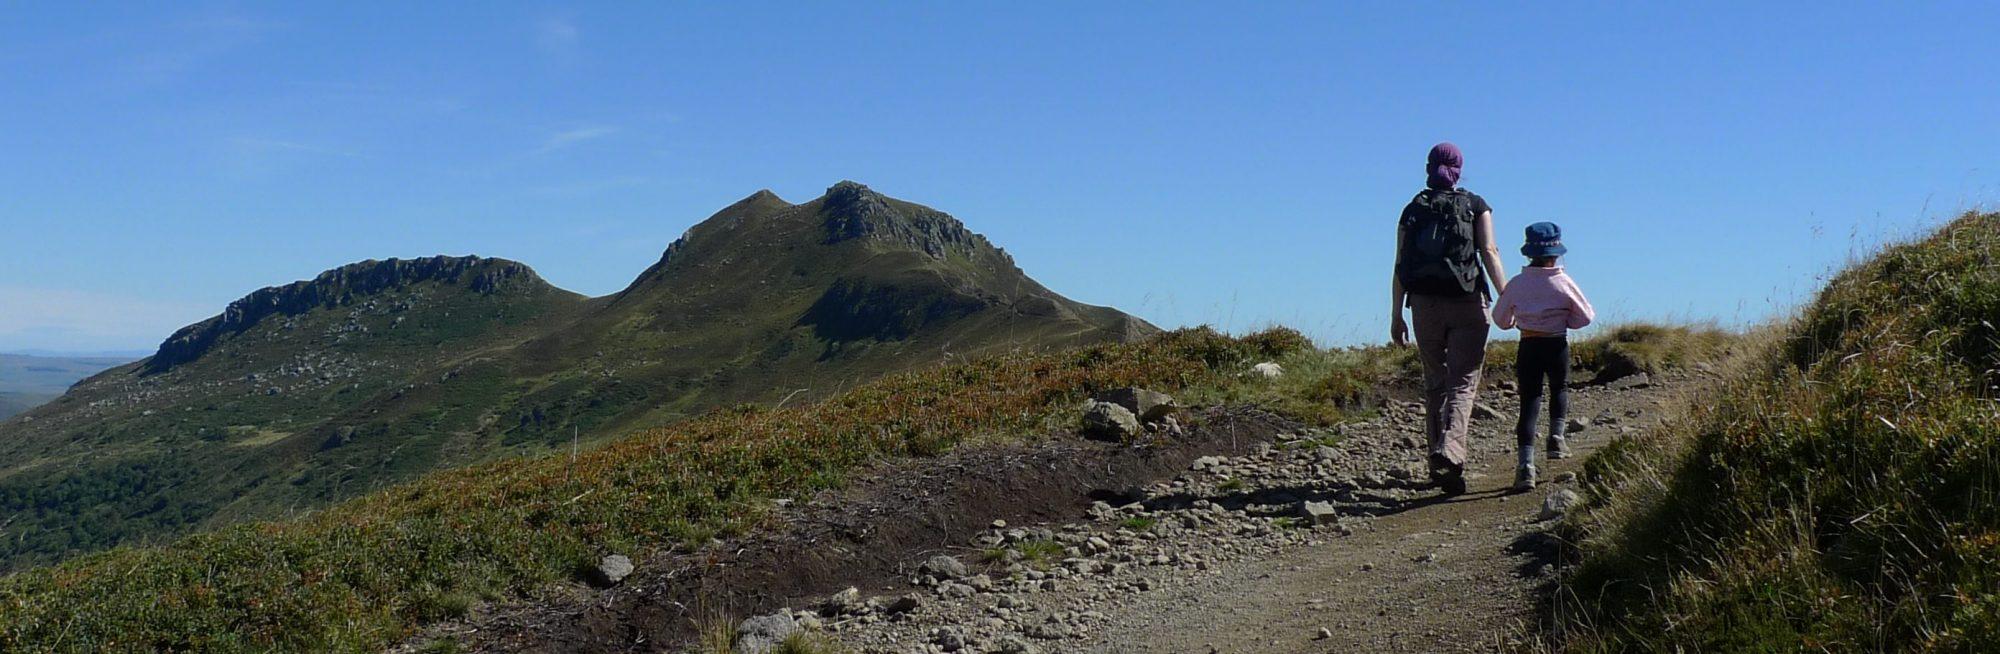 Rando sur les crêtes en direction du Peyre Arse. Photo ©Alta Terra